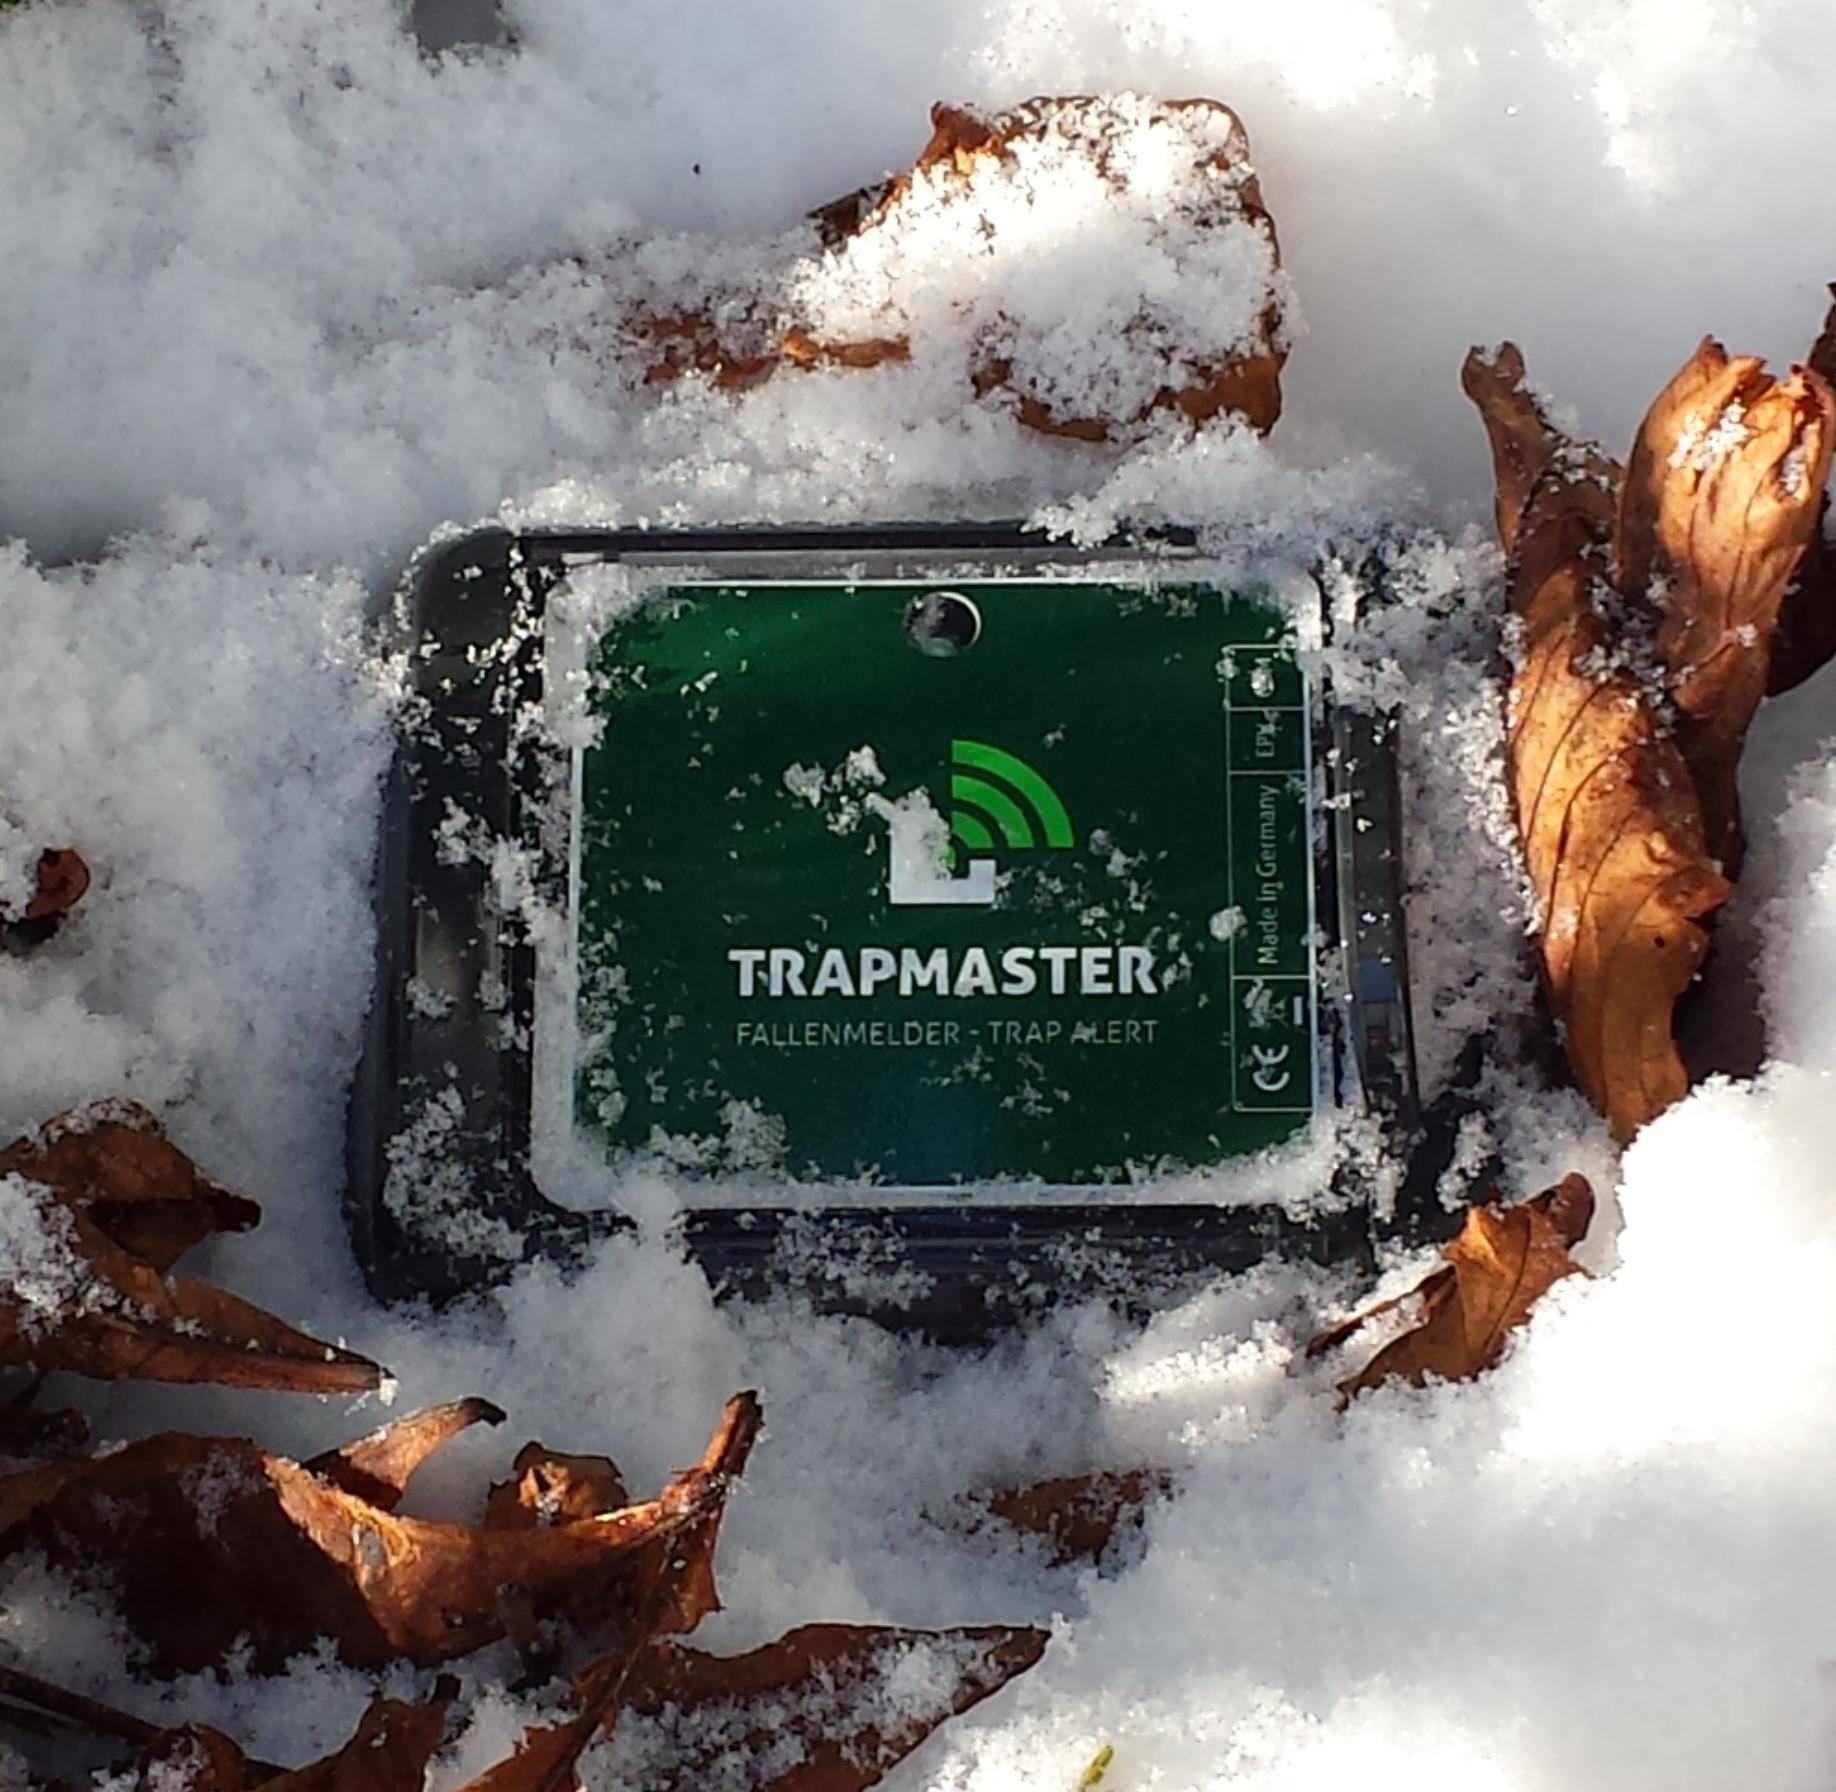 Fallenmelder Fallenalarm Fallenwächter Trapmaster im Schnee Test